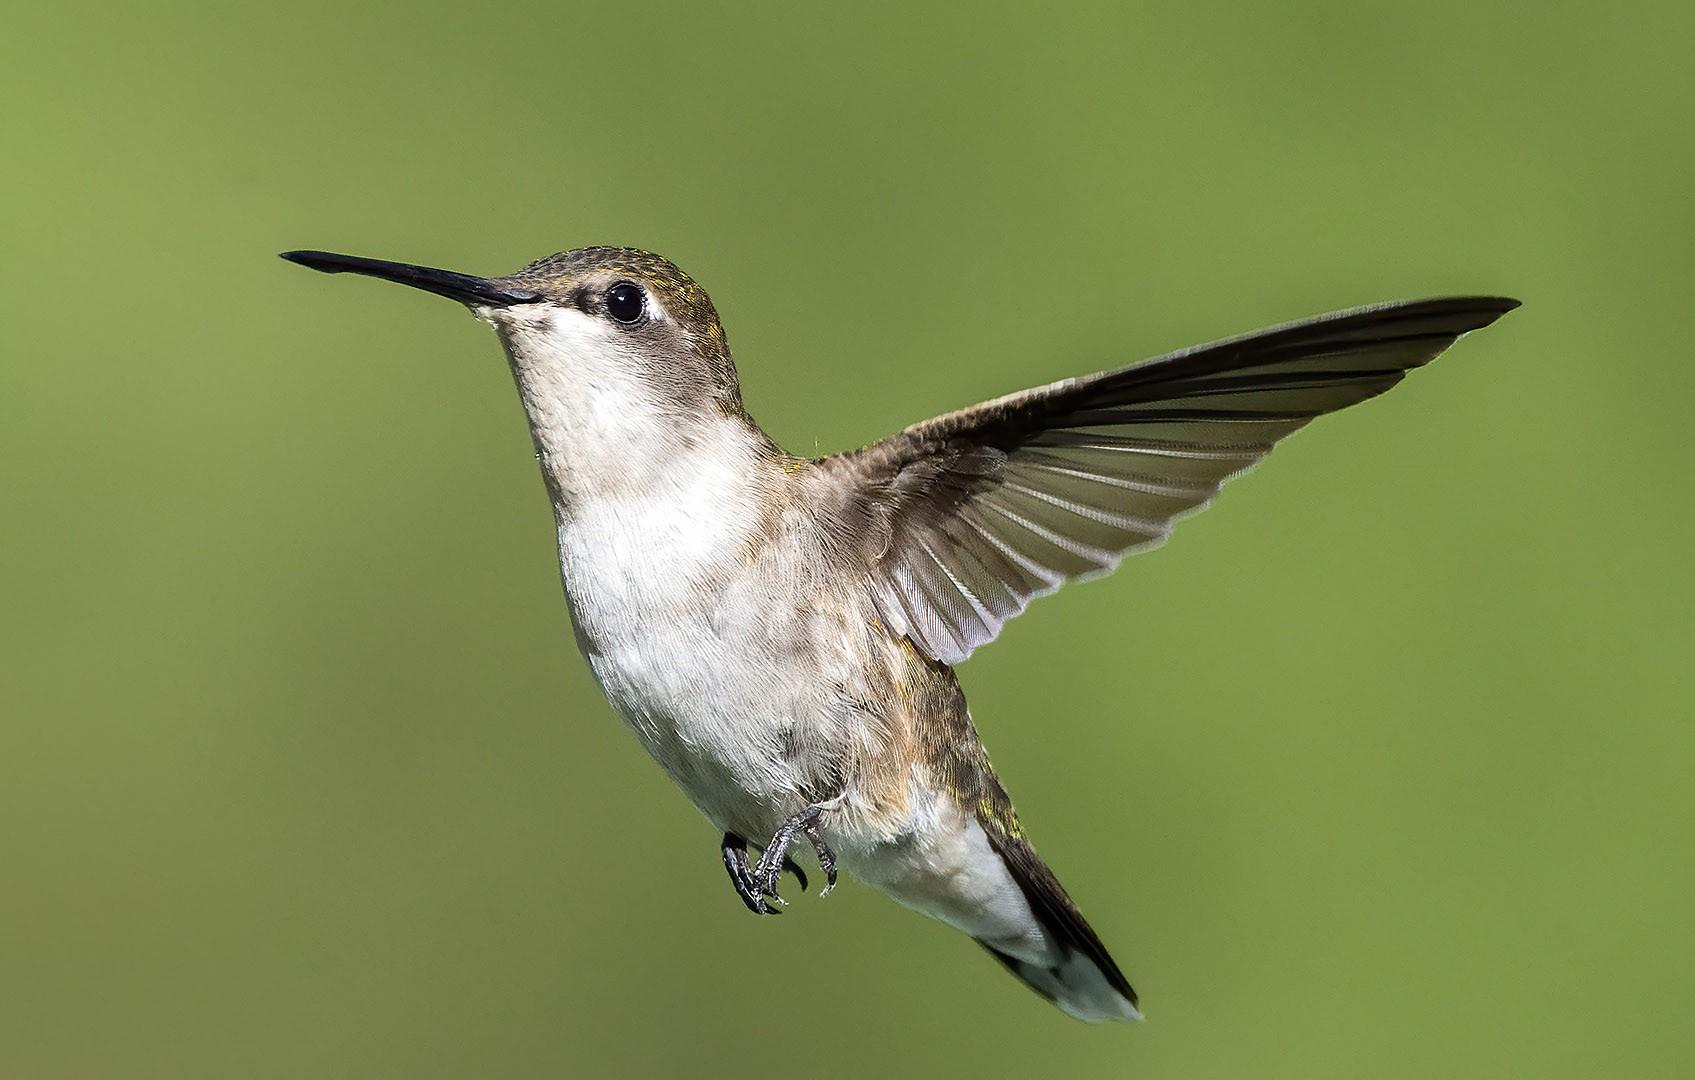 20200601 Hummingbird 3.jpg